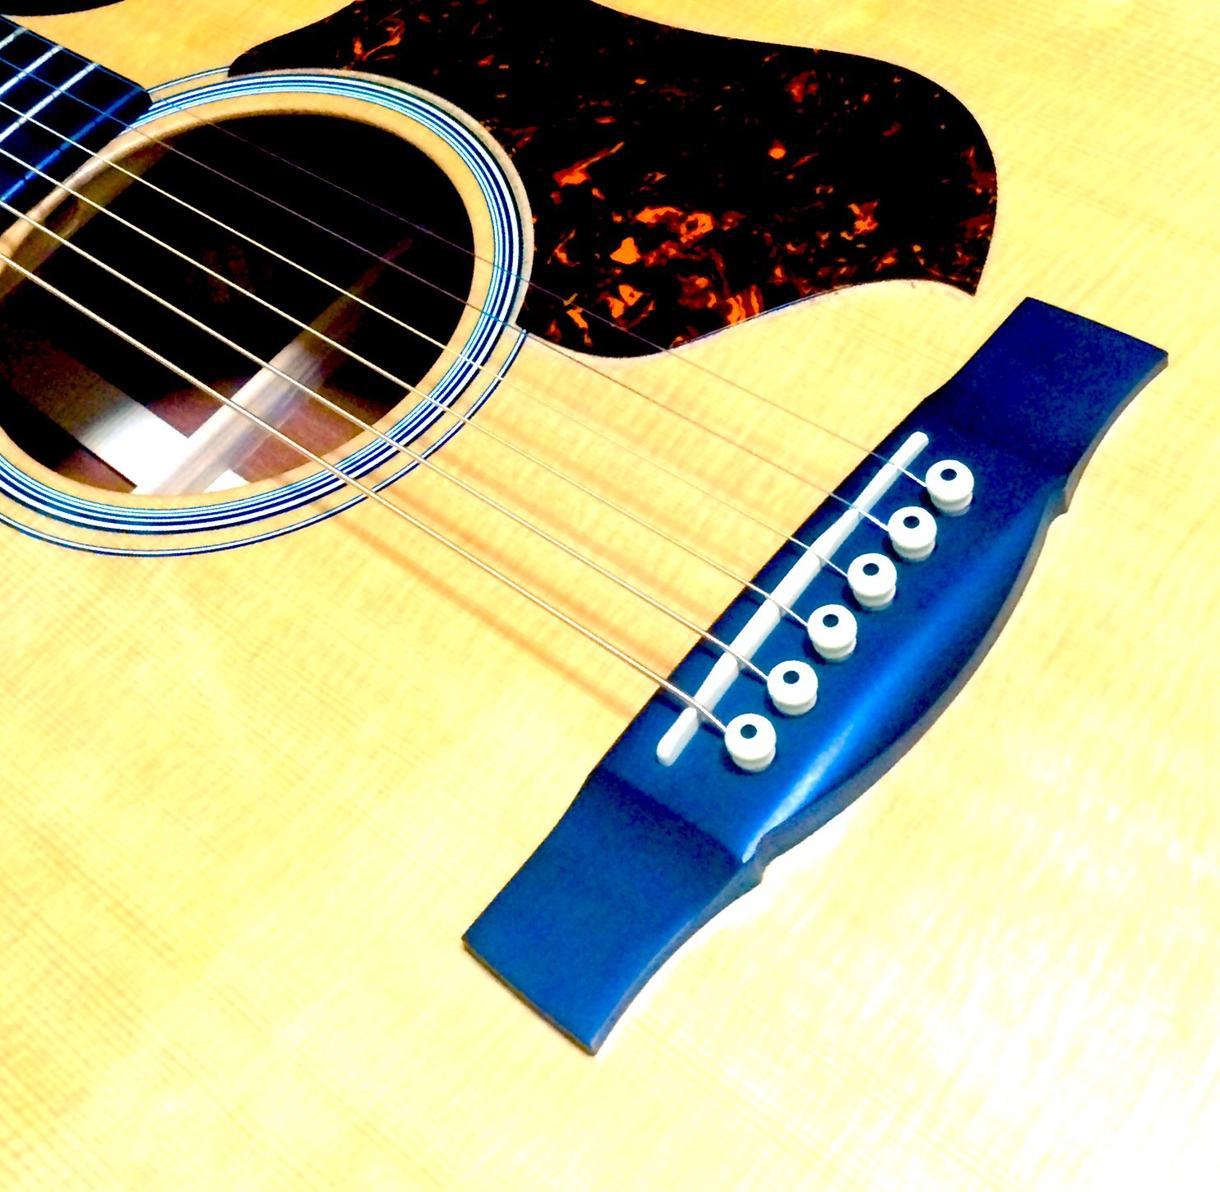 既存の音源に、歌詞・コード・メロディを追加致します 音楽全般のご依頼について、お手伝いさせて頂きます+.* イメージ1